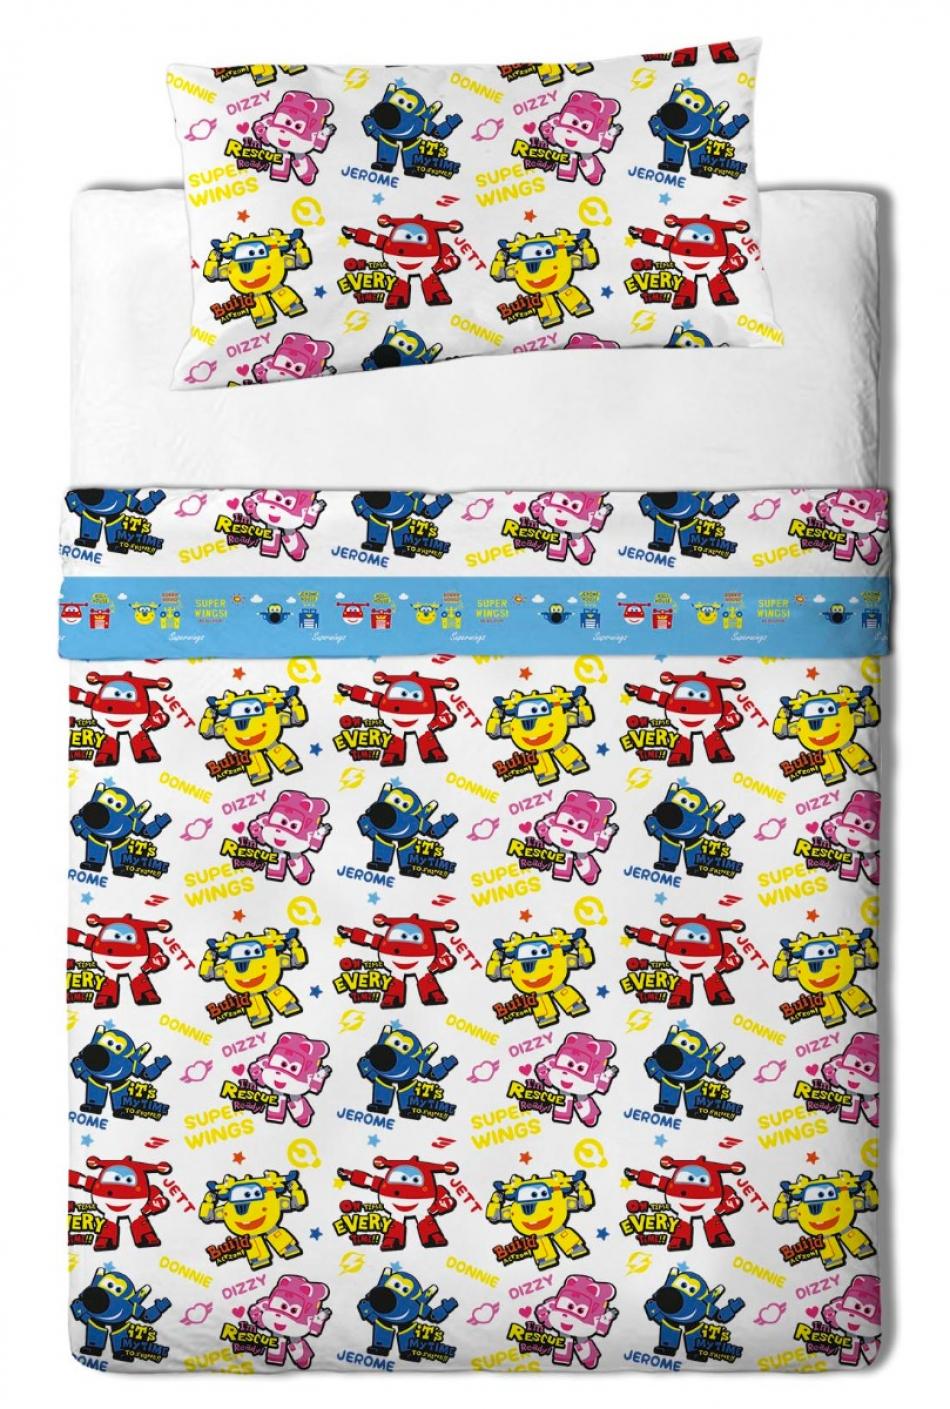 Juego de sábanas de franela para cama de 105 cm con 3 piezas Super Wings